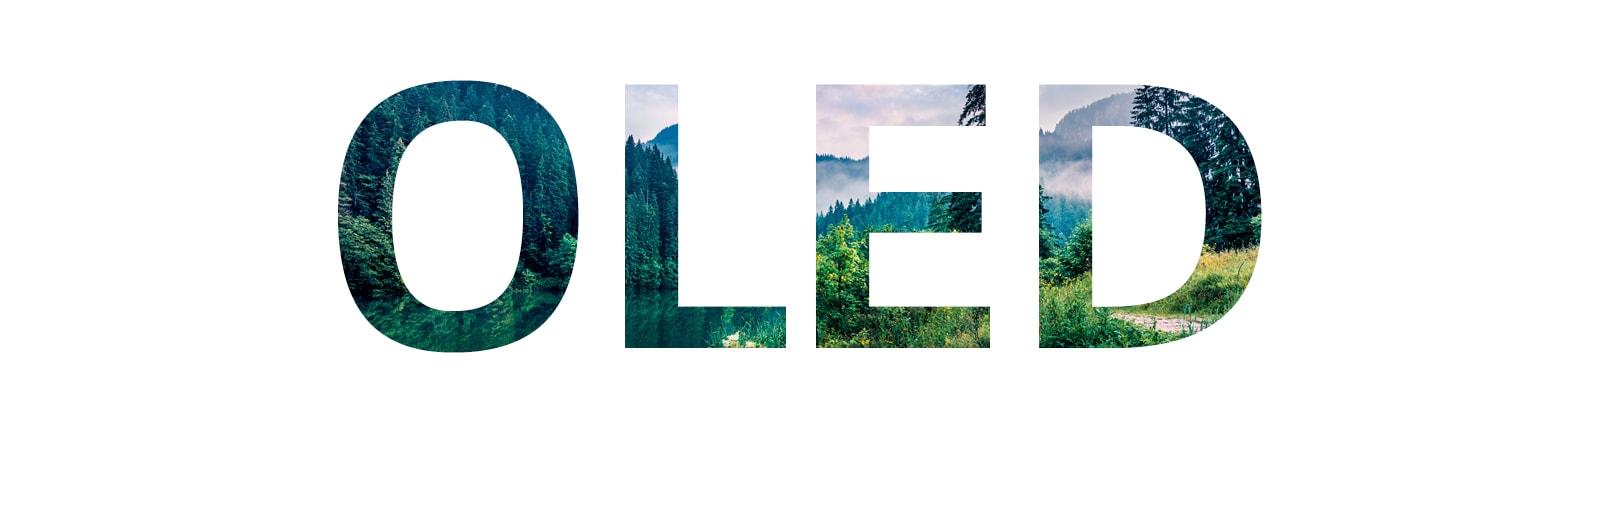 """Riječ """"OLED"""" ispunjena prizorom prirode koja klizi zdesna (reproduciraj videozapis)"""